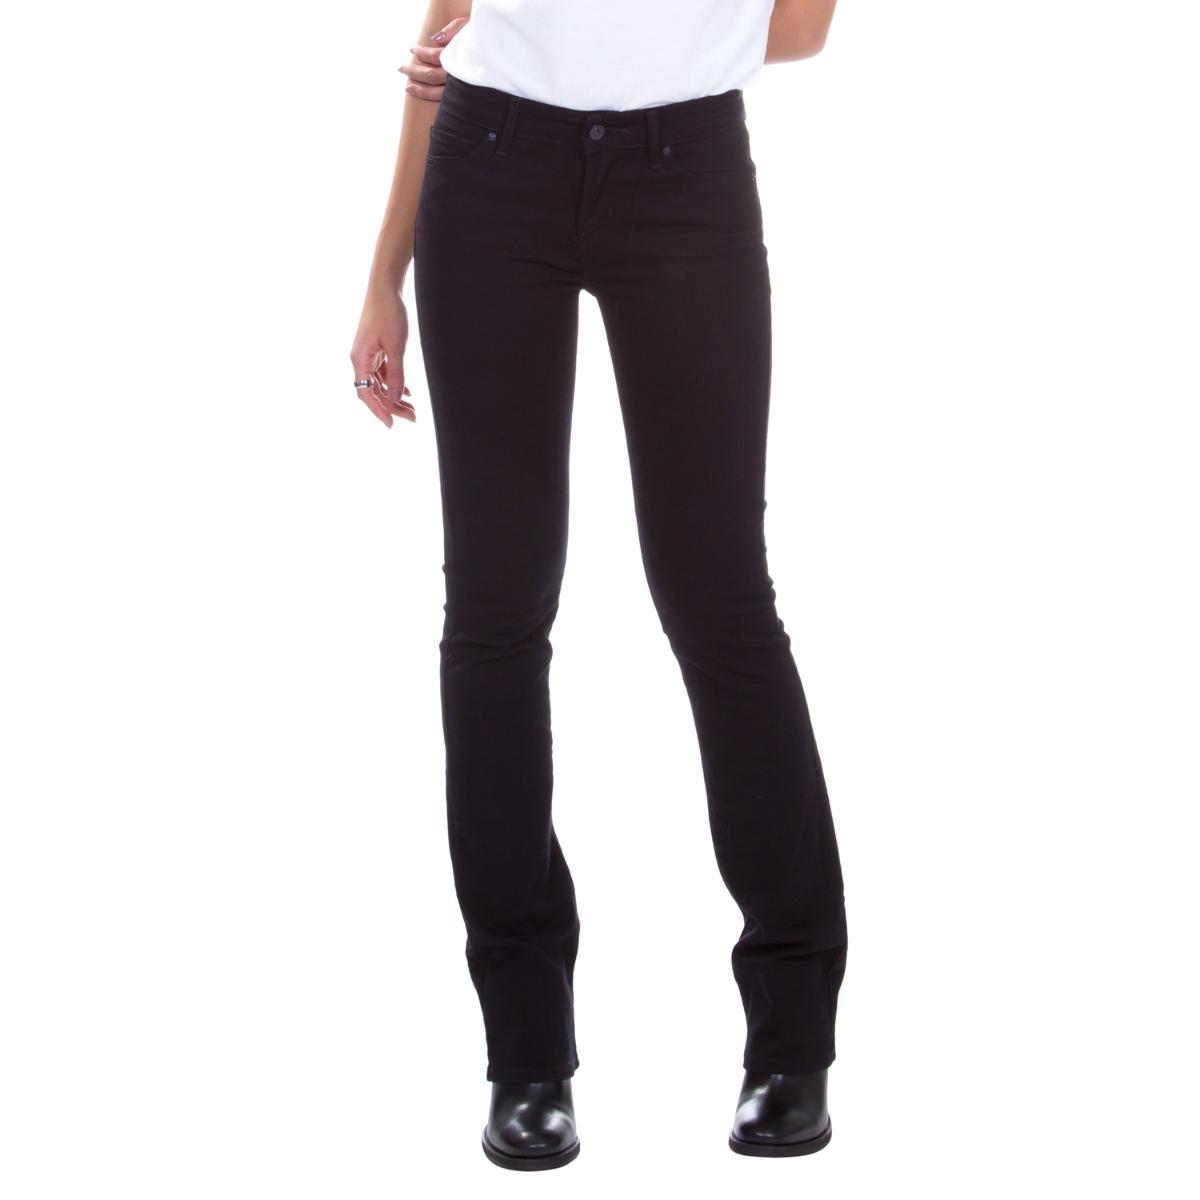 a37b67e8f Calça Jeans Levis Feminina 715 Bootcut Preta - R$ 289,90 em Mercado ...